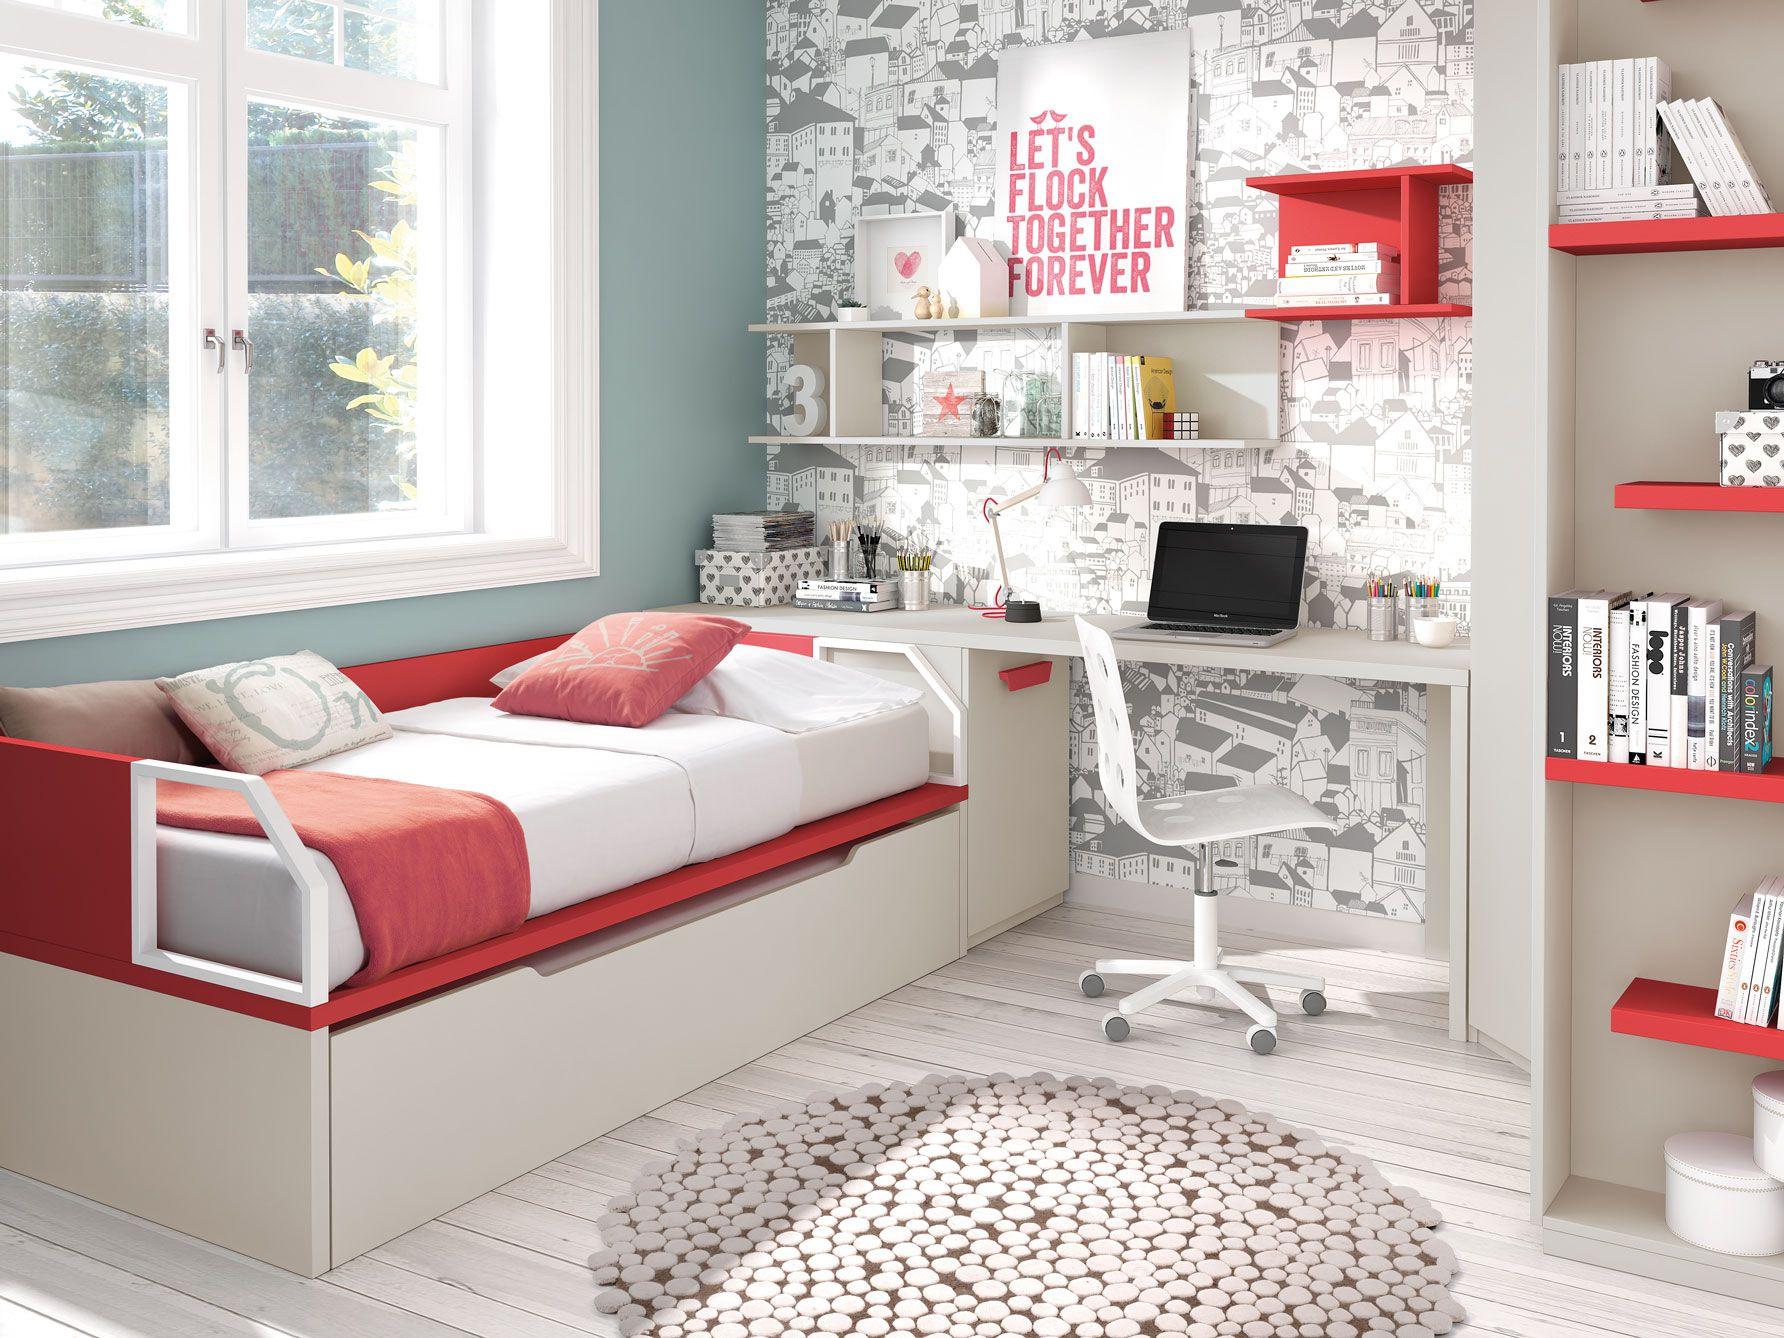 Pin de muebles ros en novedades mueble juvenil muebles for Muebles juveniles zona sur